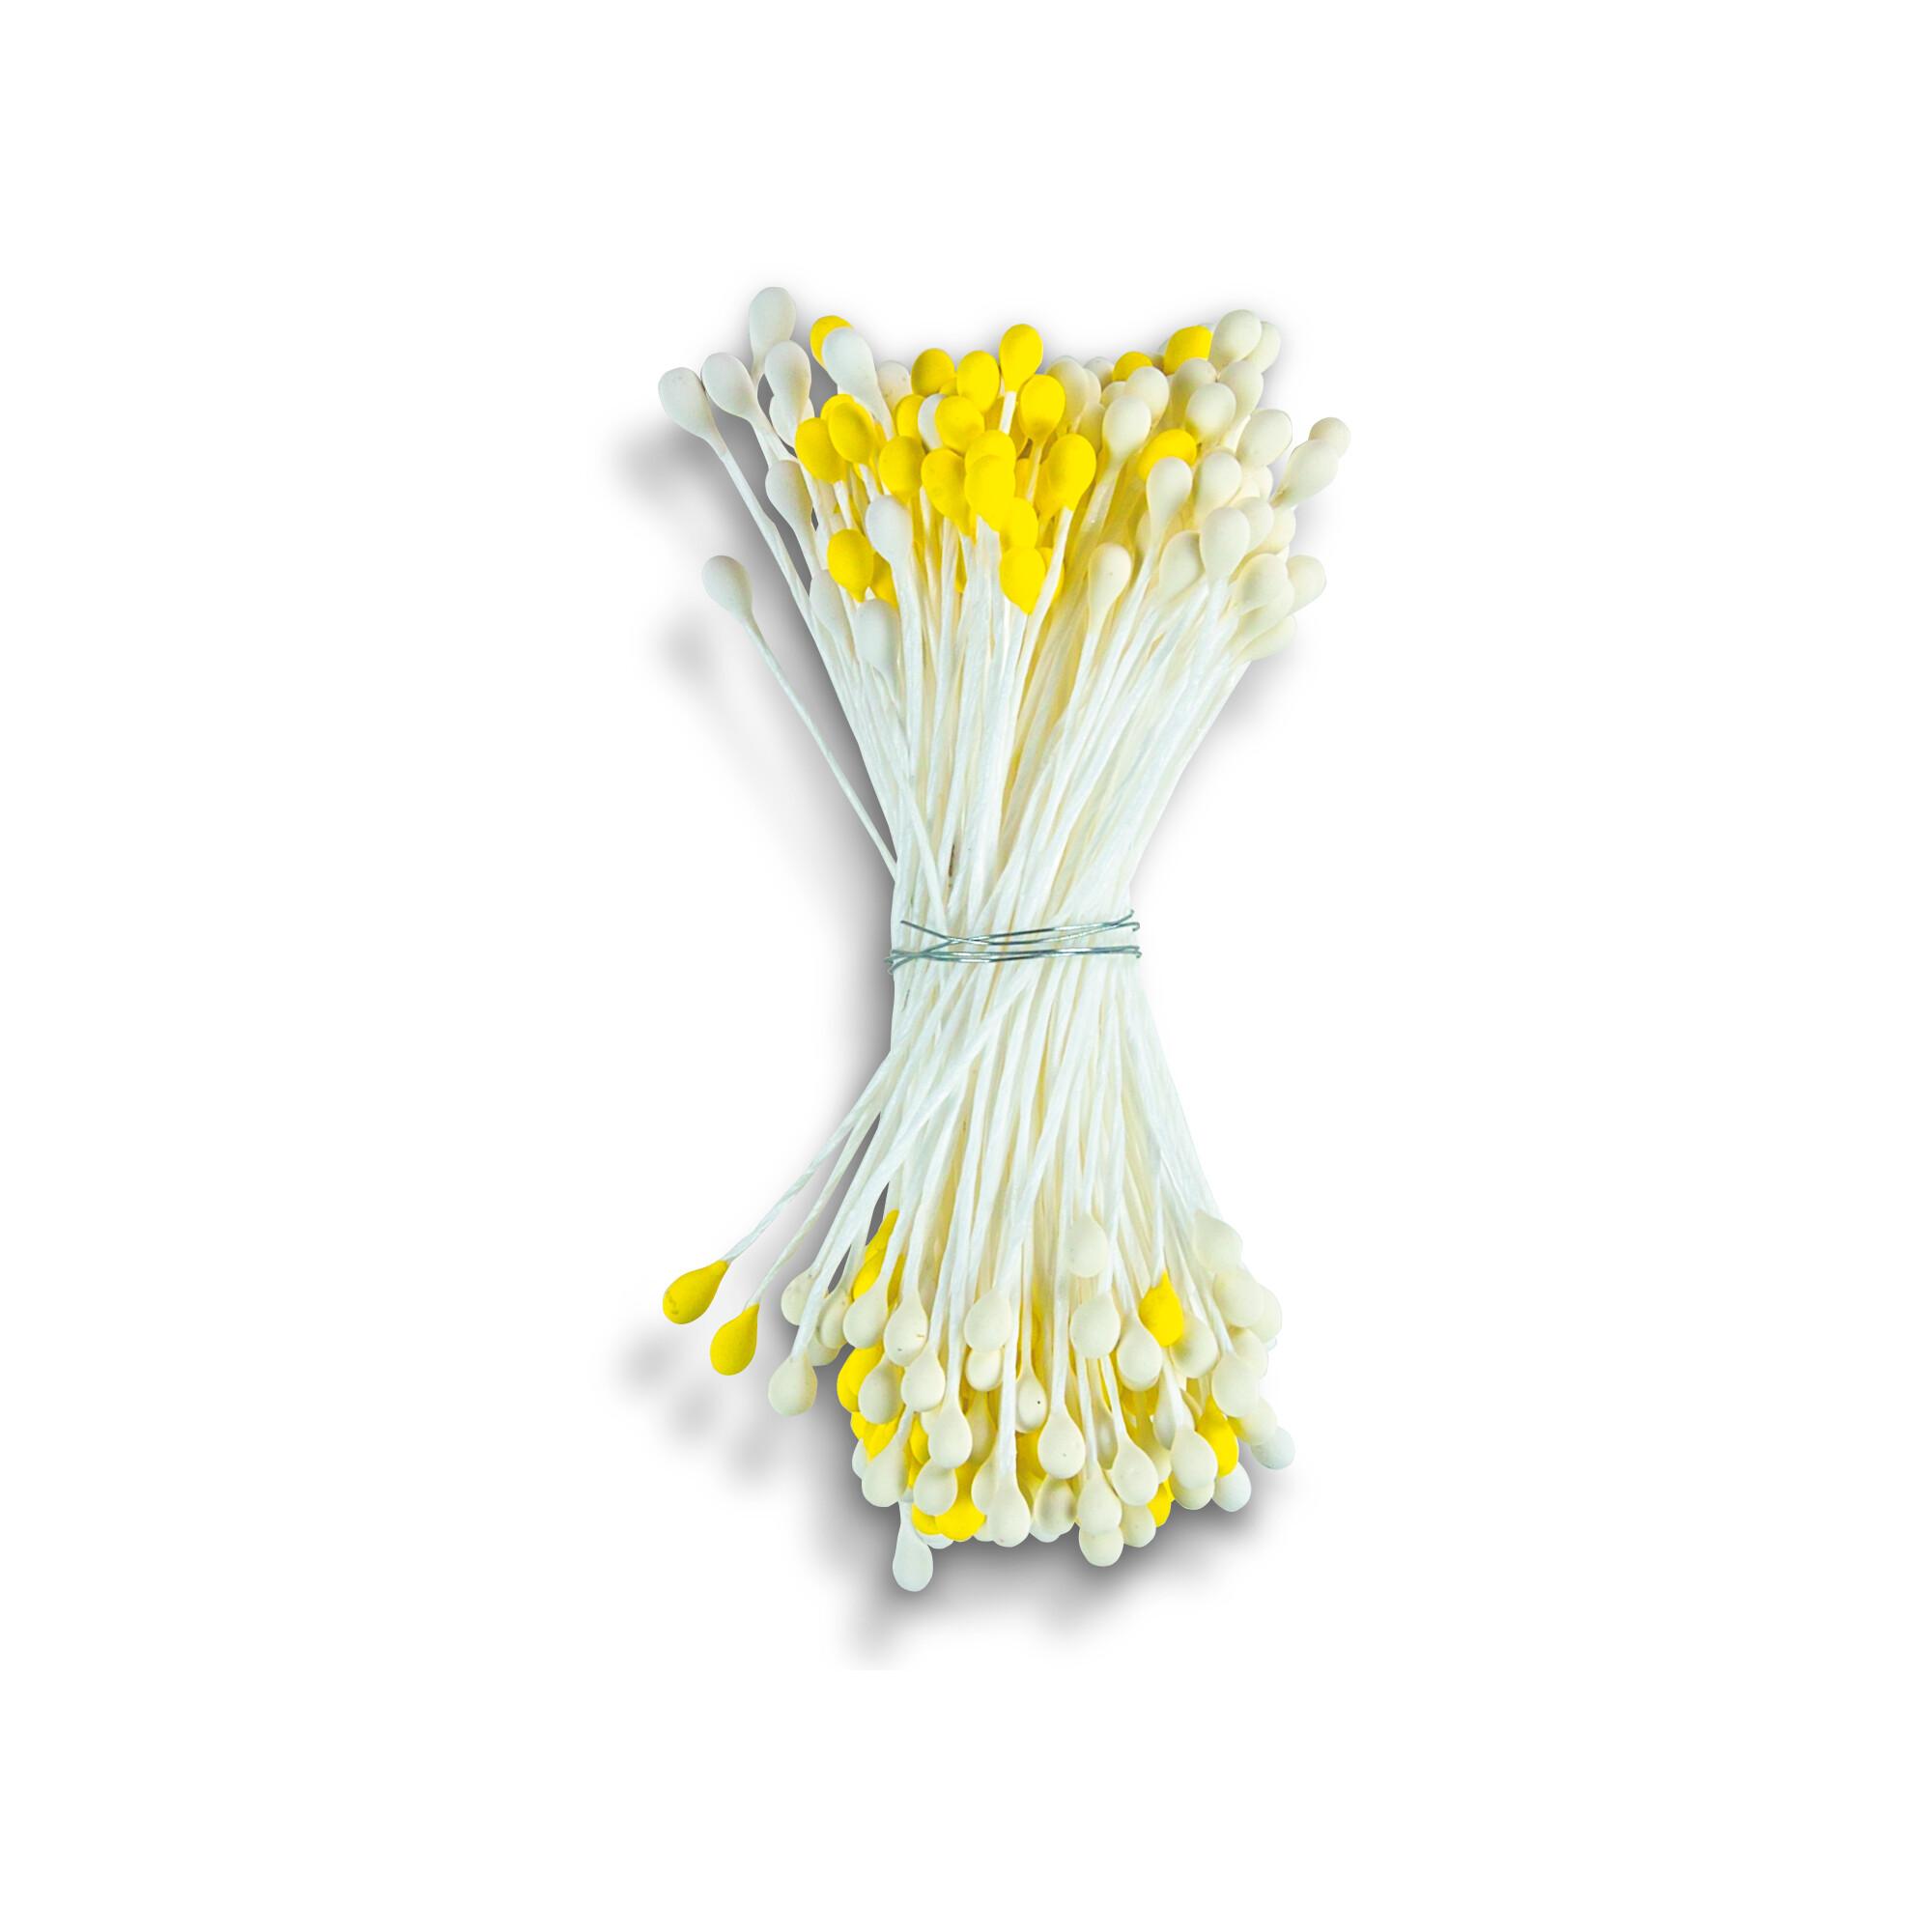 Dust flowers - 144 pieces